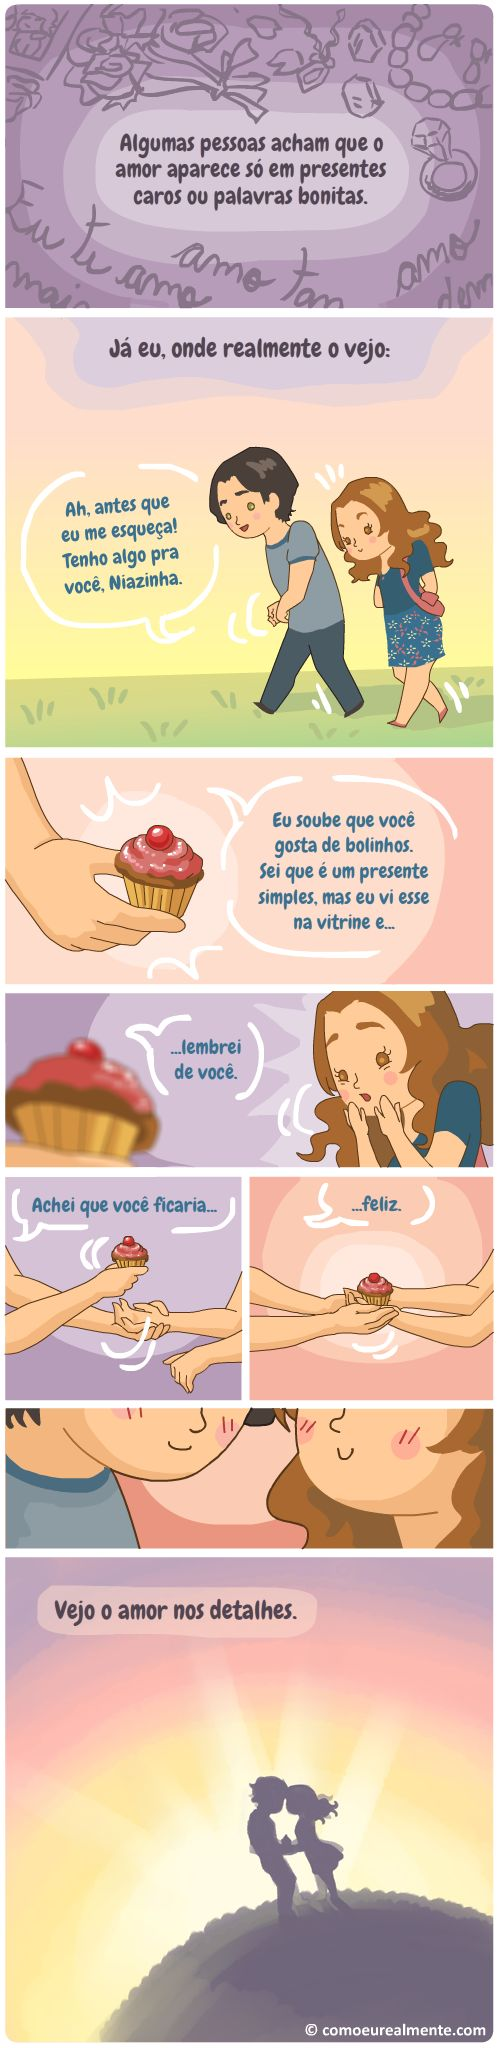 Amor (Especial Dia dos Namorados pt. 6). Como Eu Realmente. Fernanda Nia. Blog, 11-06-2015.